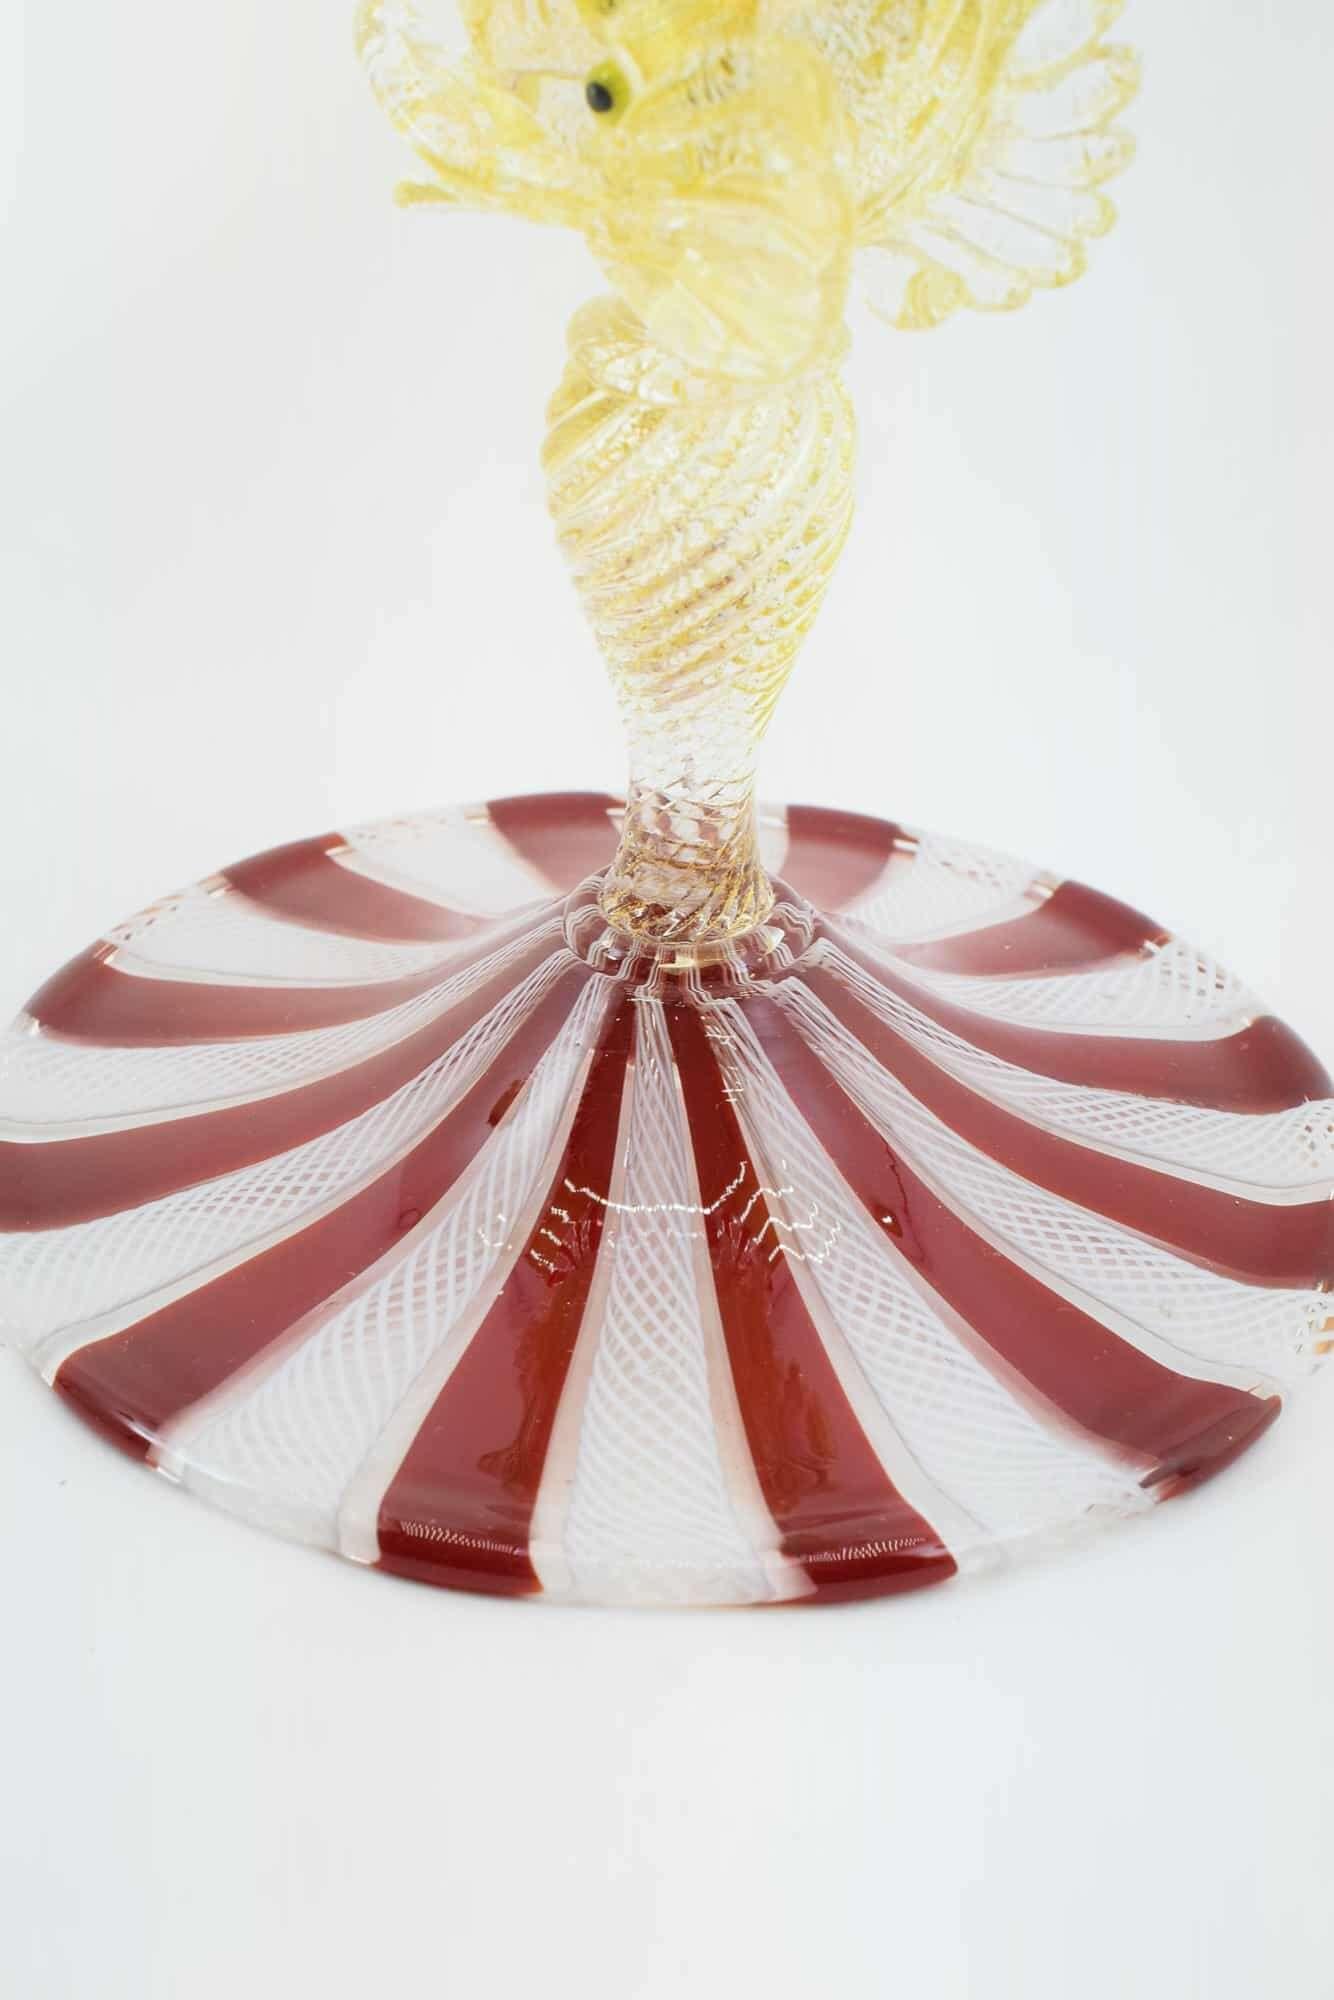 Канделябры из муранского стекла 30-х годов - (Art. 37010)